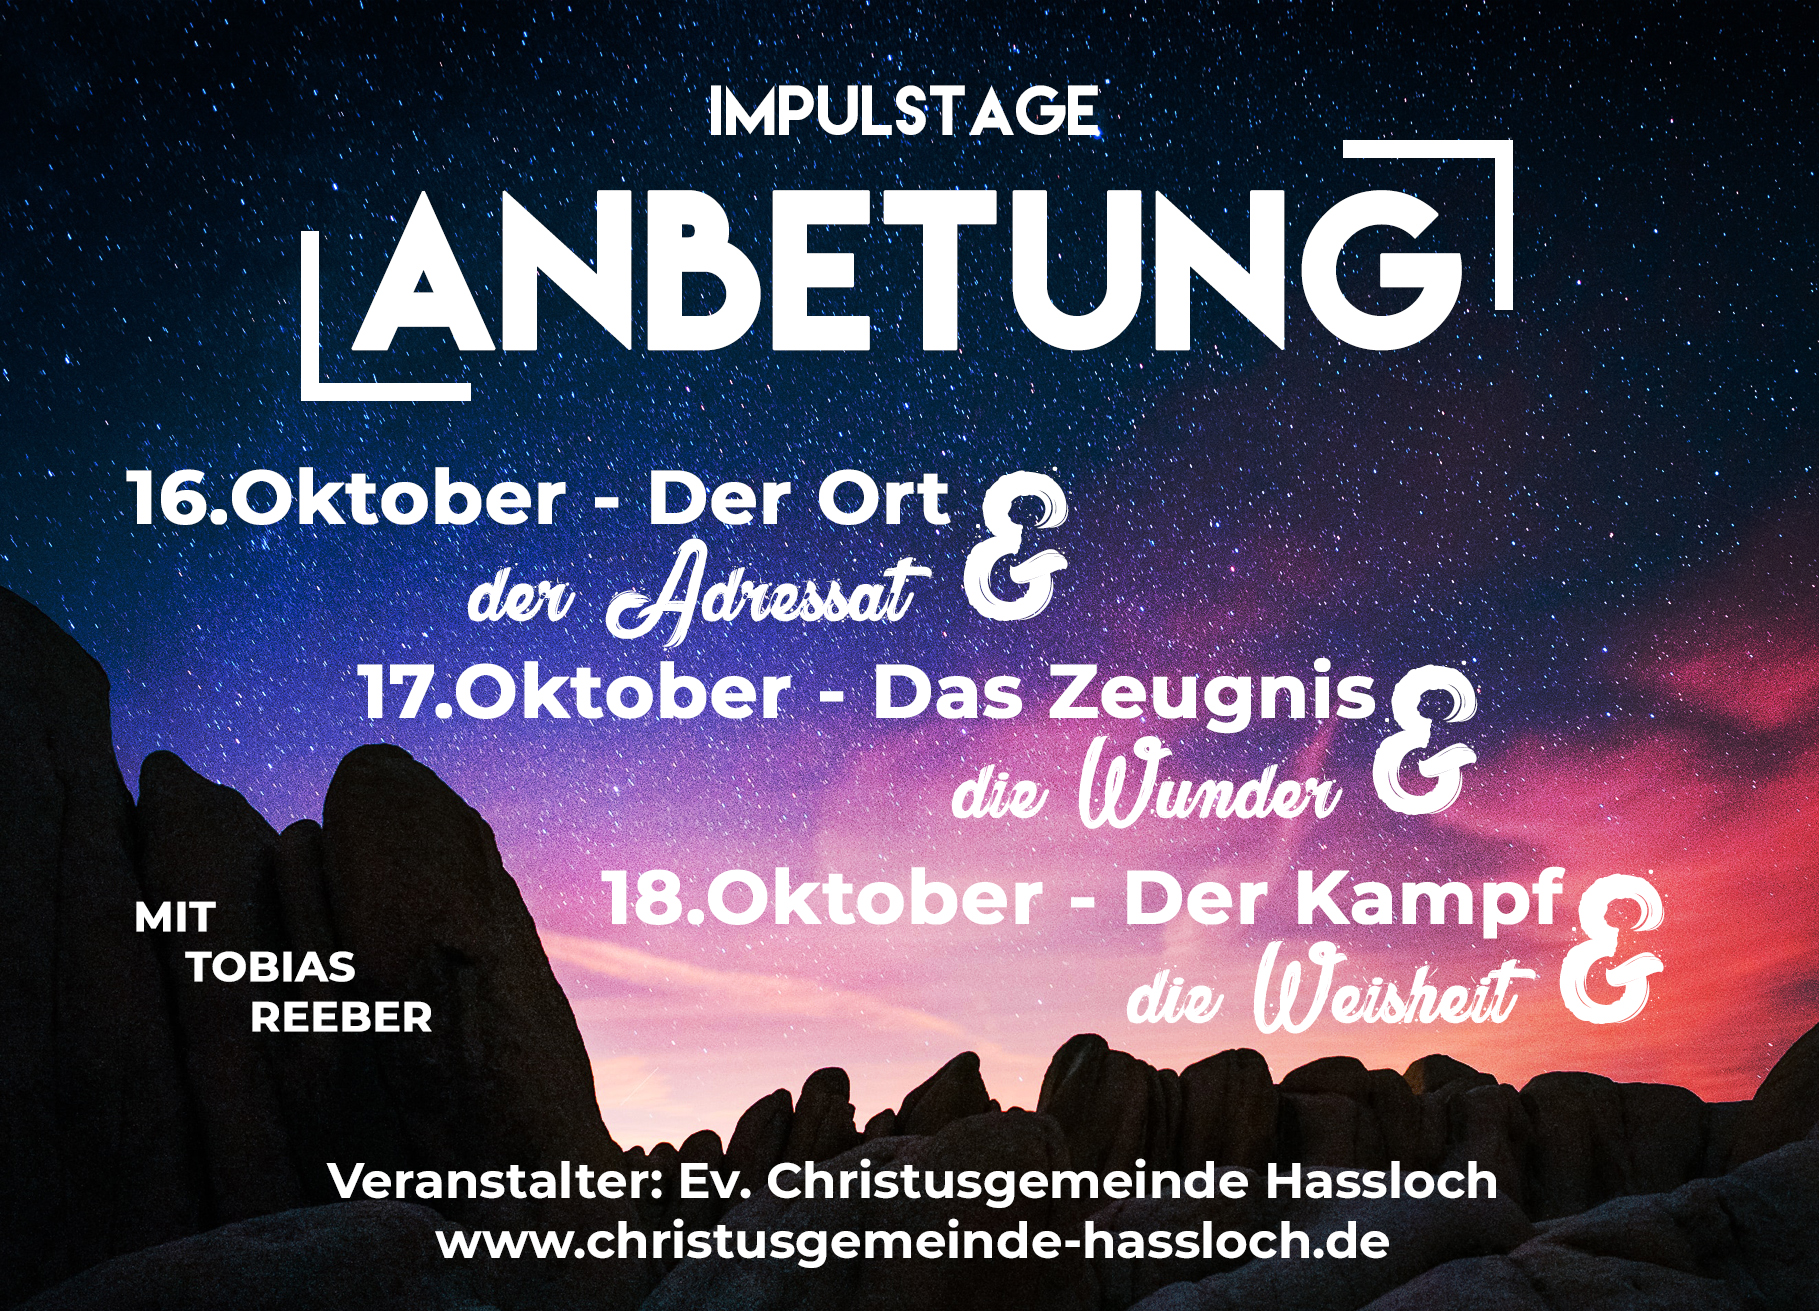 Anbetung, Predigtreihe, Downloads Und Predigten, Podcast, Christusgemeinde Hassloch, Tobias Reeber, Impulstage